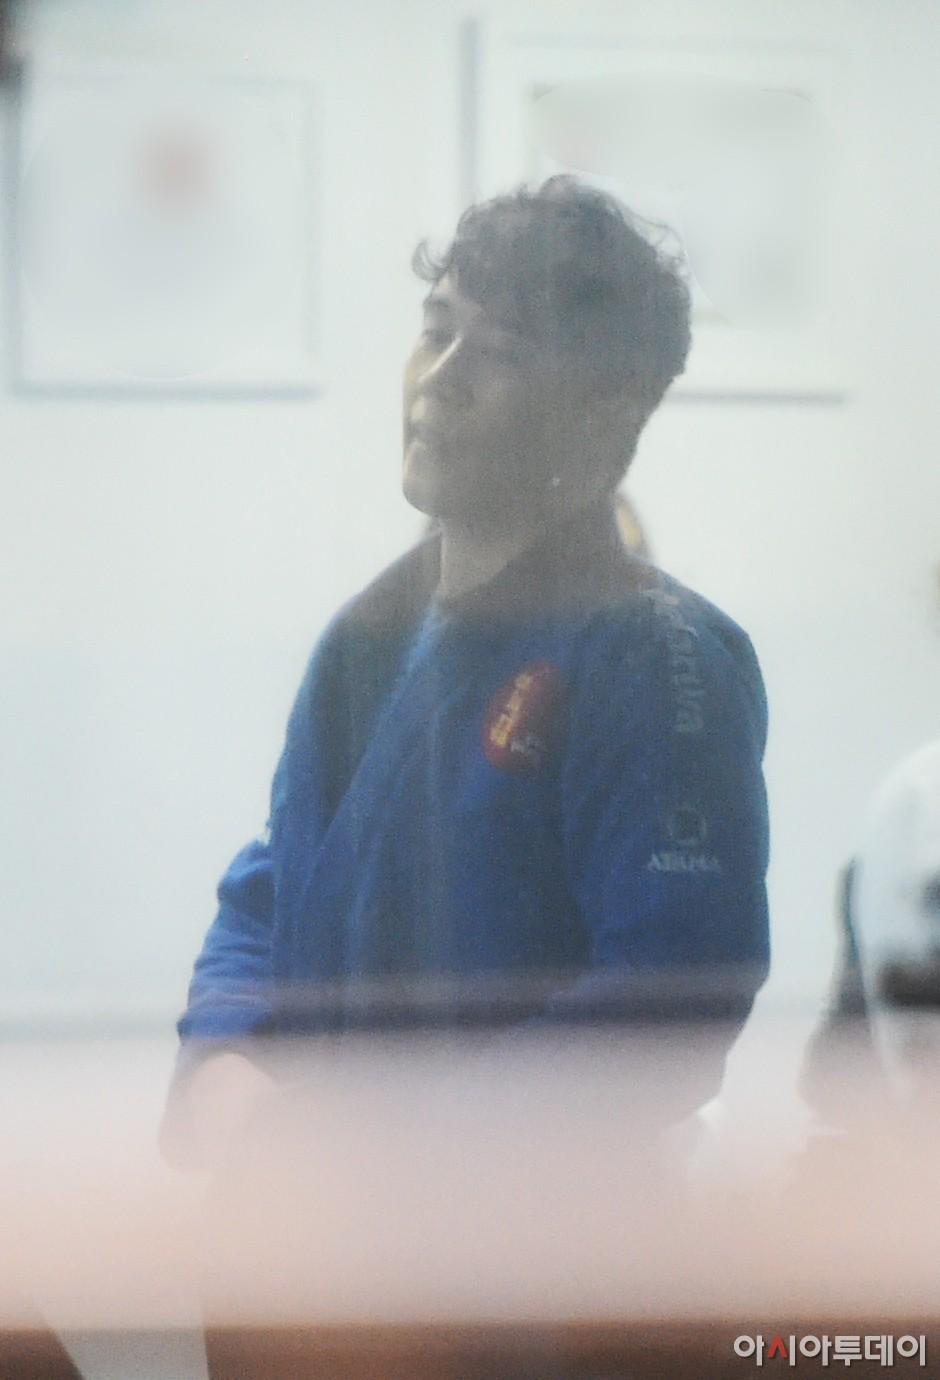 Sốc: Seungri vui vẻ đi tập gym sau khi tòa án hủy lệnh bắt, công chúng Hàn Quốc phẫn nộ và fan Việt vẫn bênh - Ảnh 6.